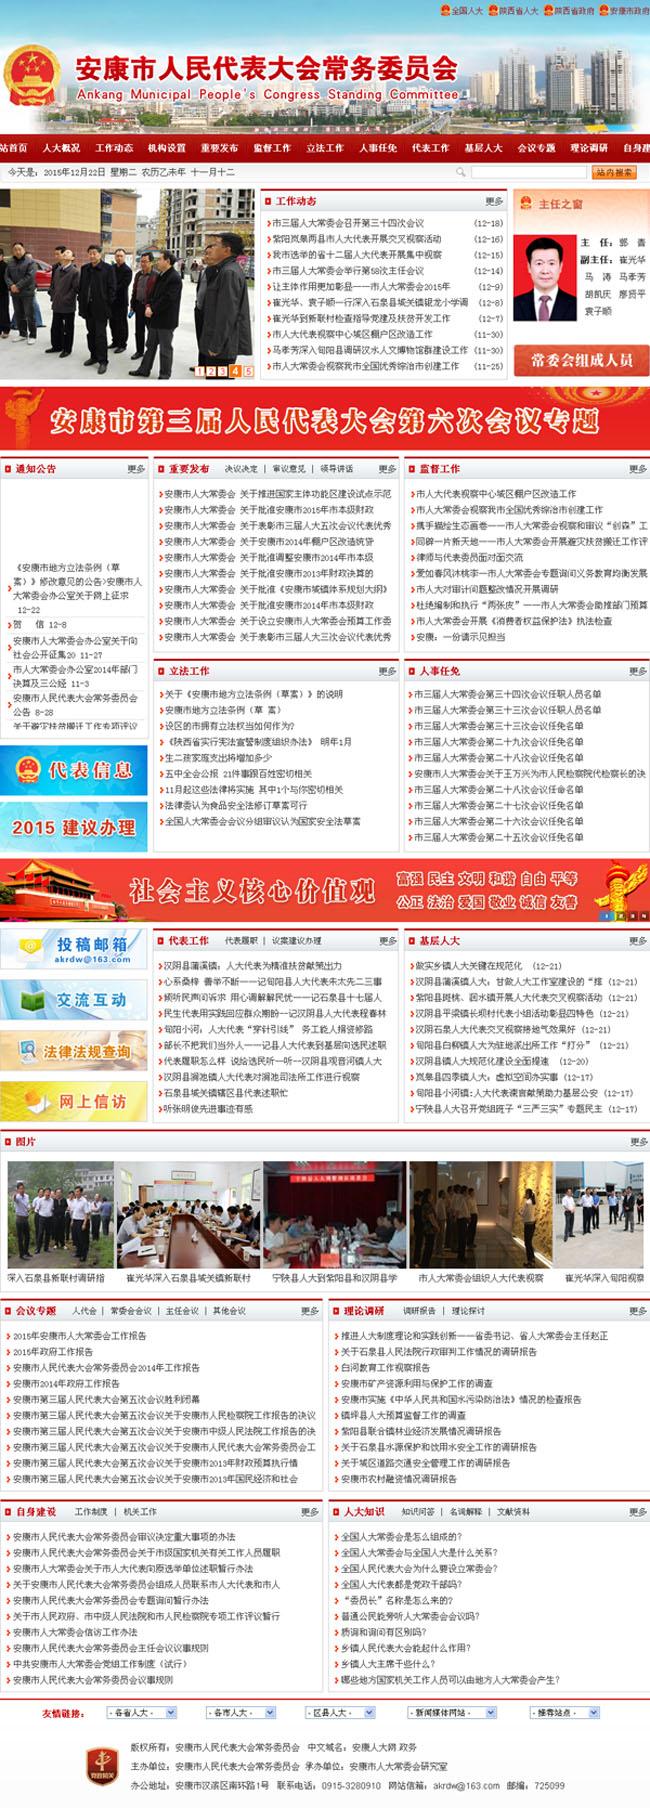 """賀新版""""安康市人大網""""正式上線"""